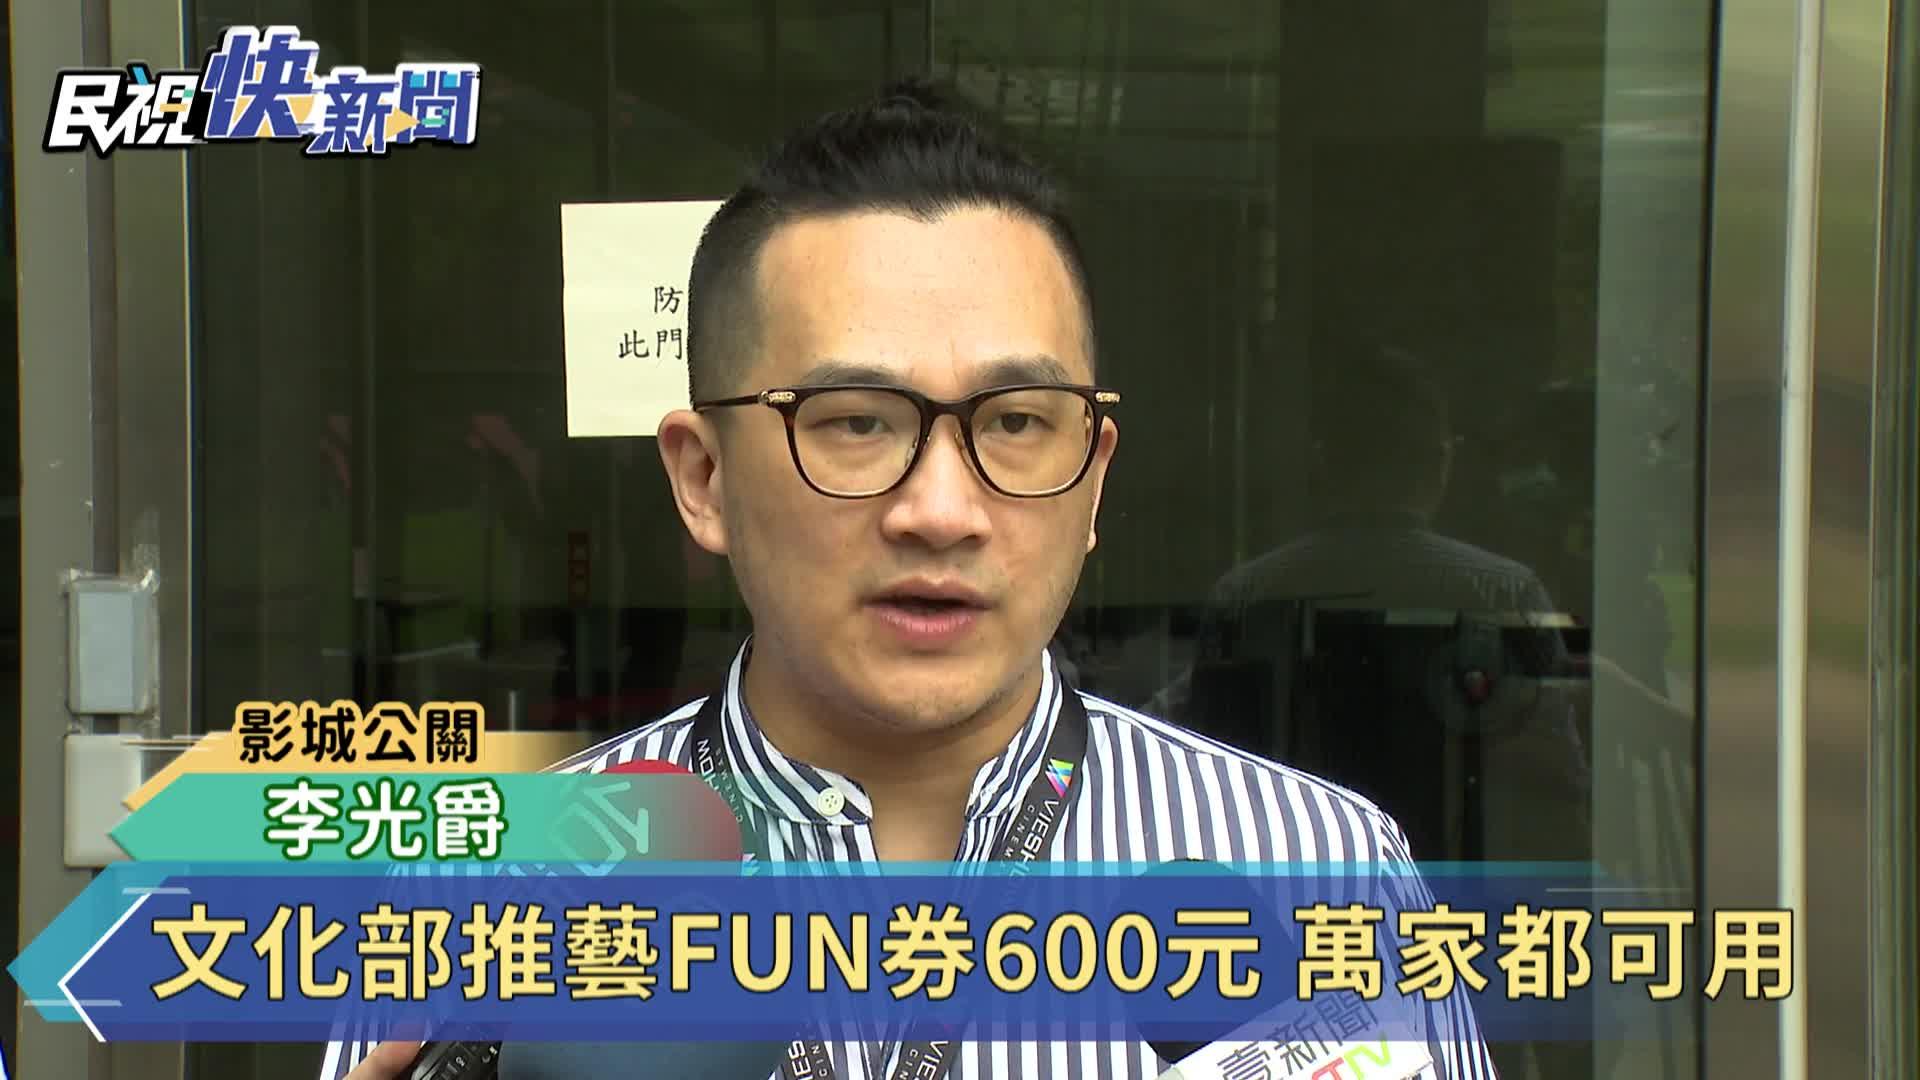 文化部推藝FUN券600元 萬家都可用